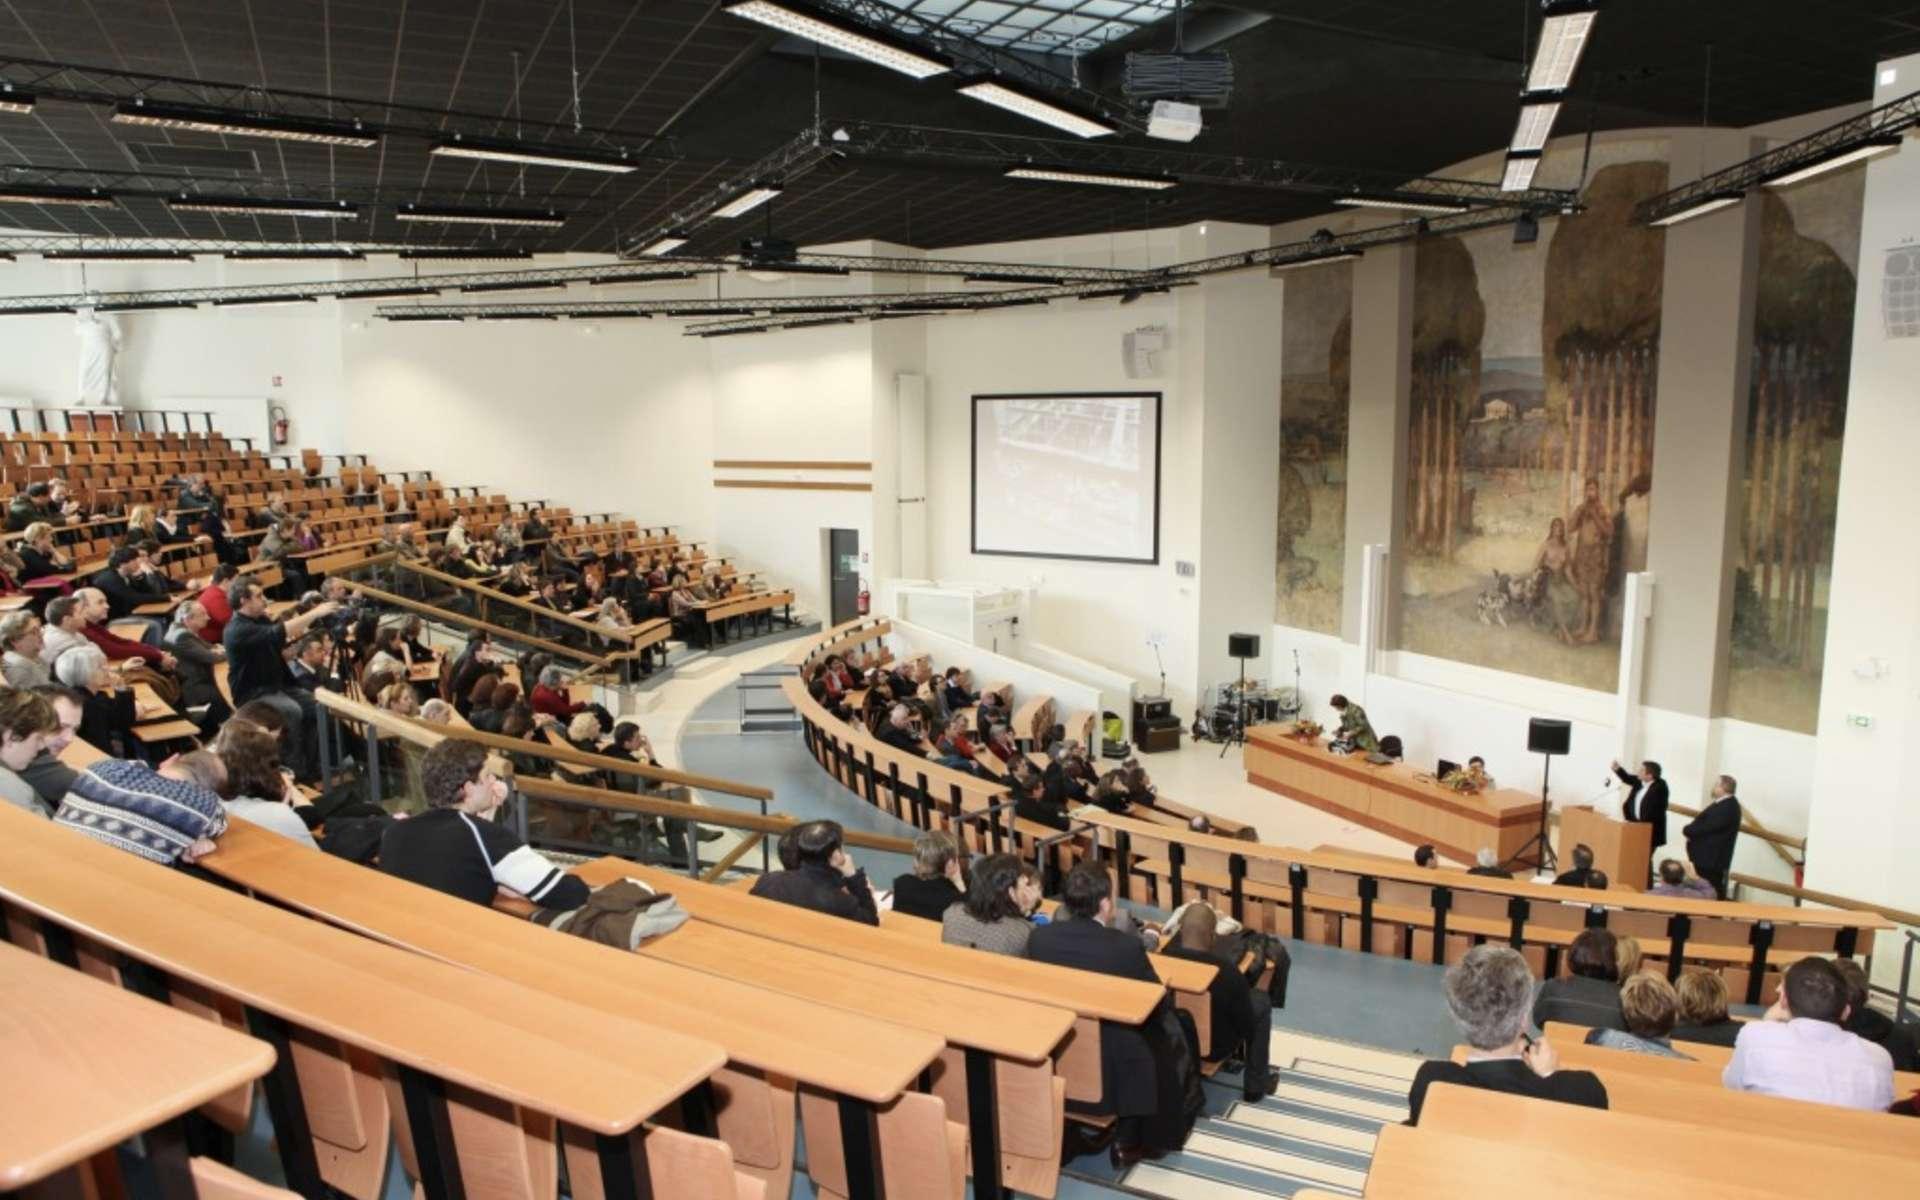 L'université de Toulouse 1, l'une des plus cotées en France, où Jean Tirole, prix Nobel d'économie, a enseigné.